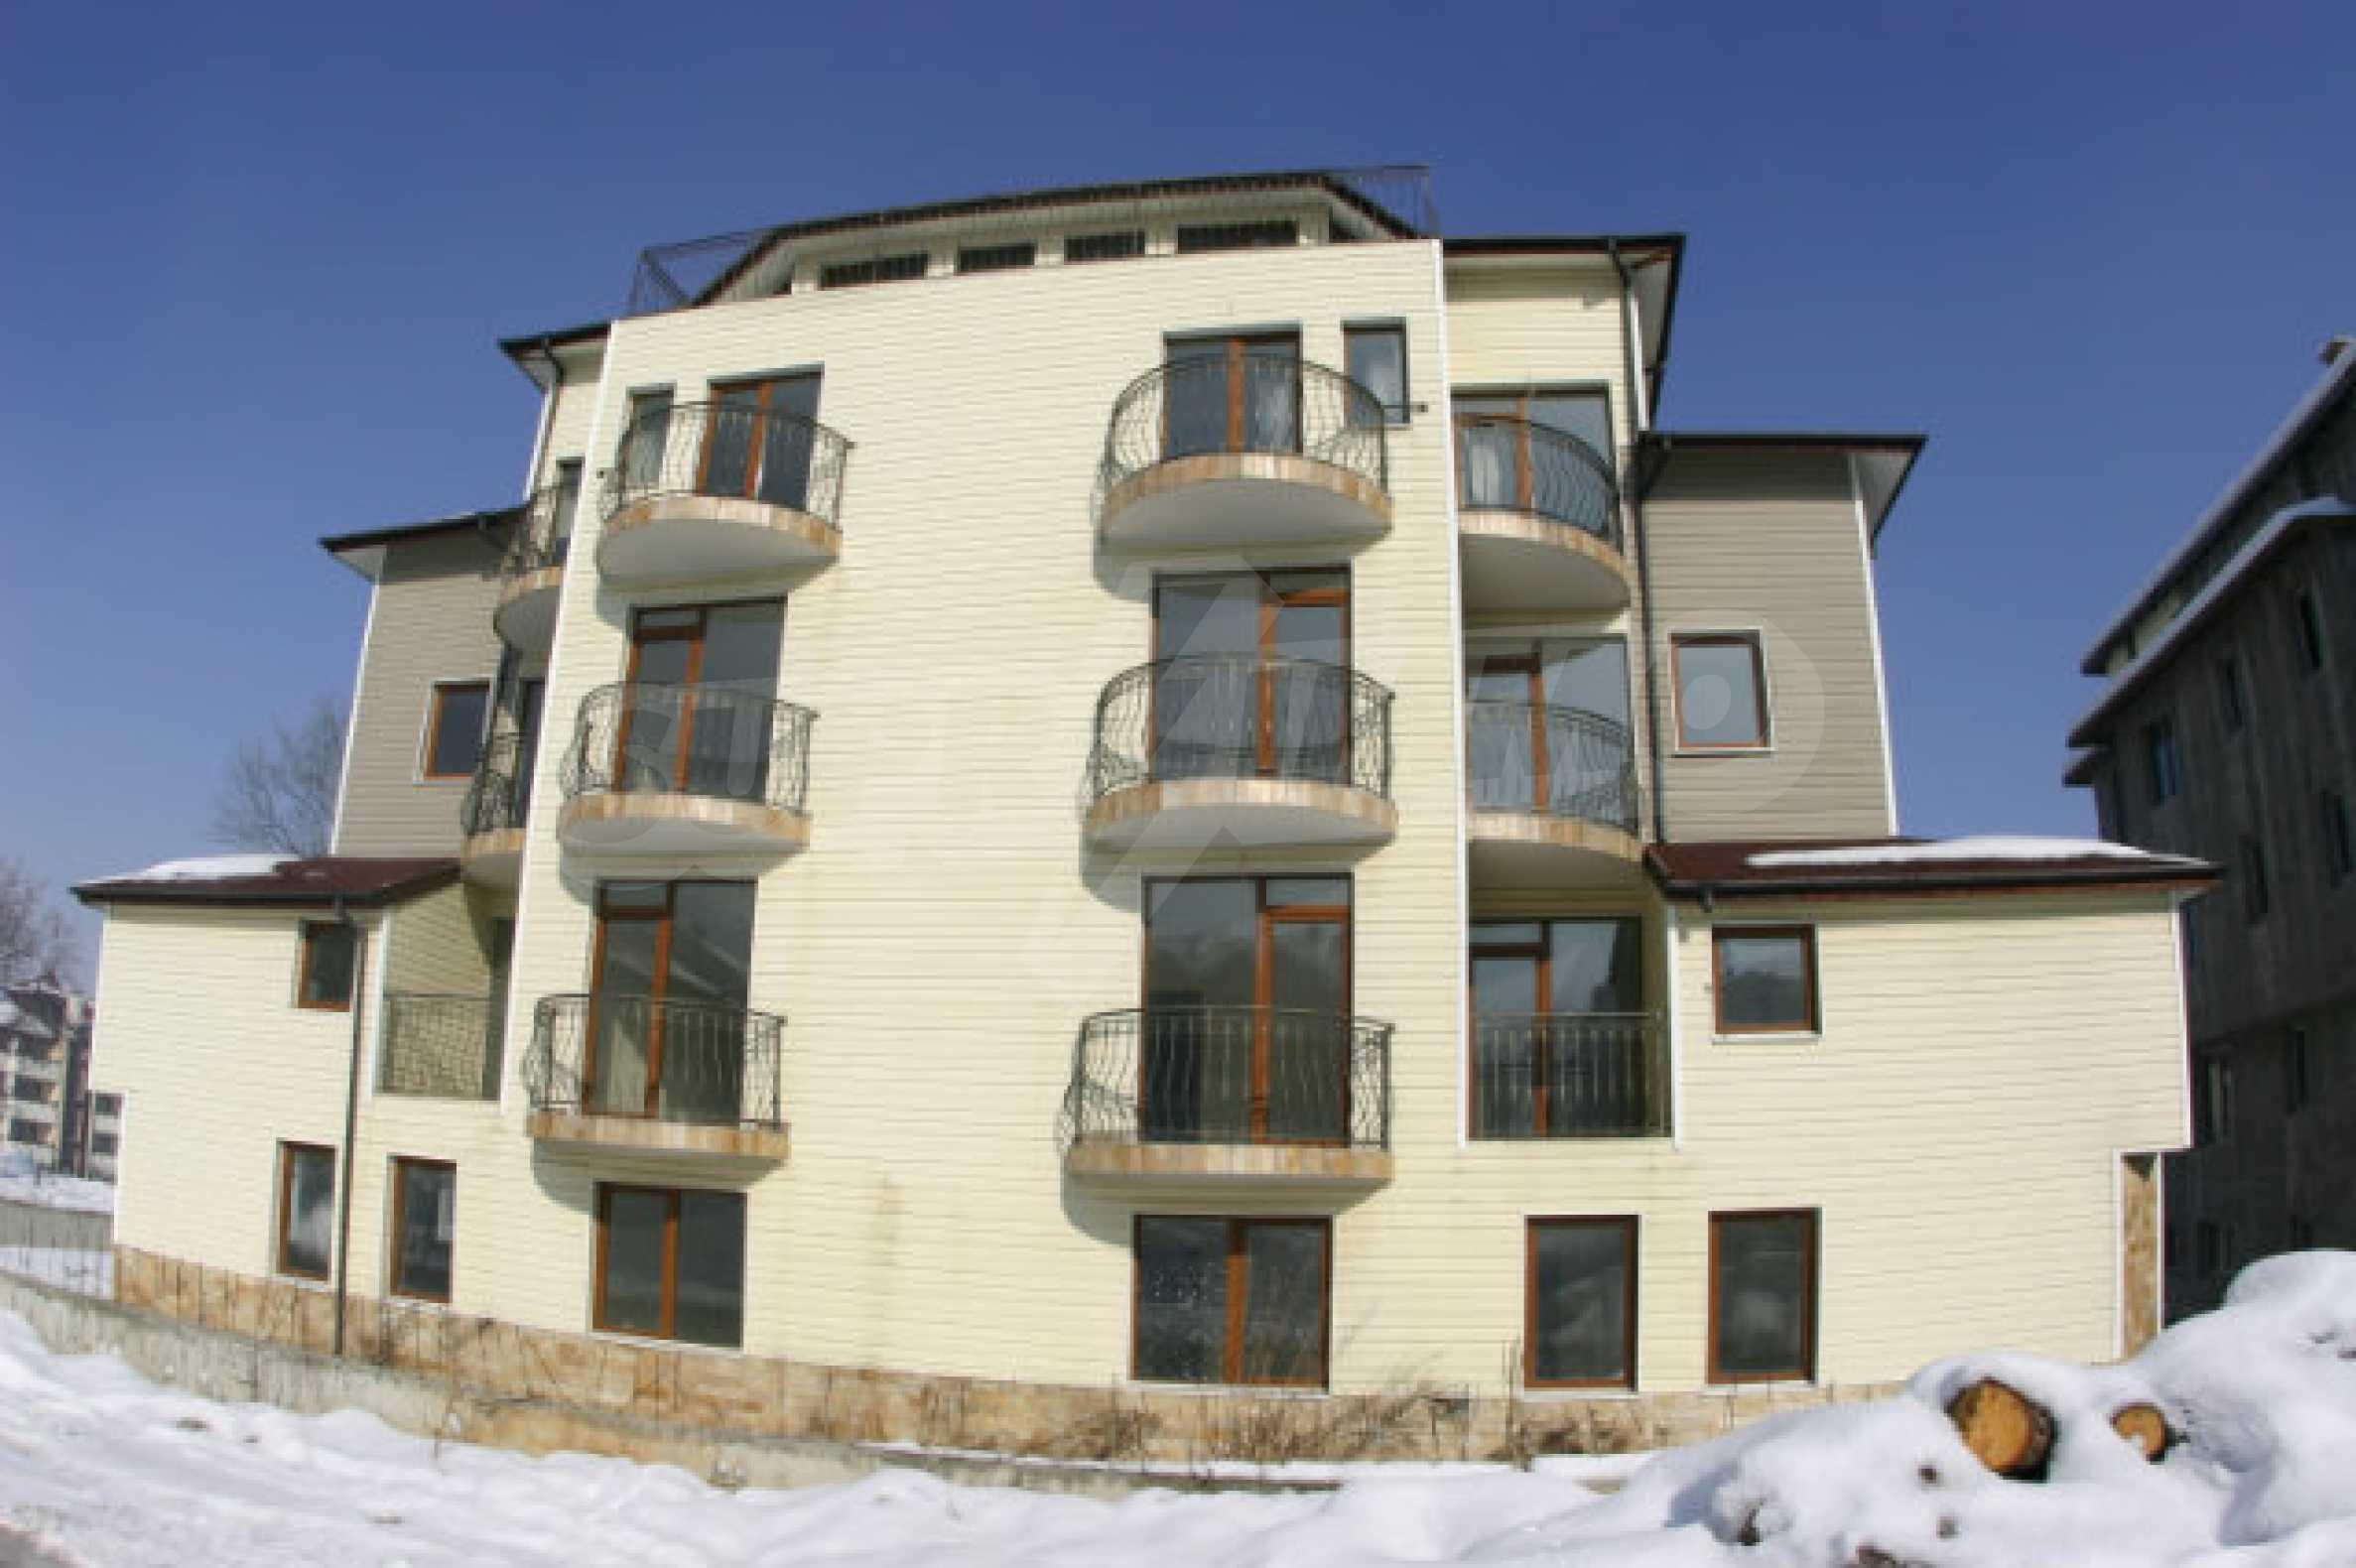 Жилой дом в зимнем курорте Банско